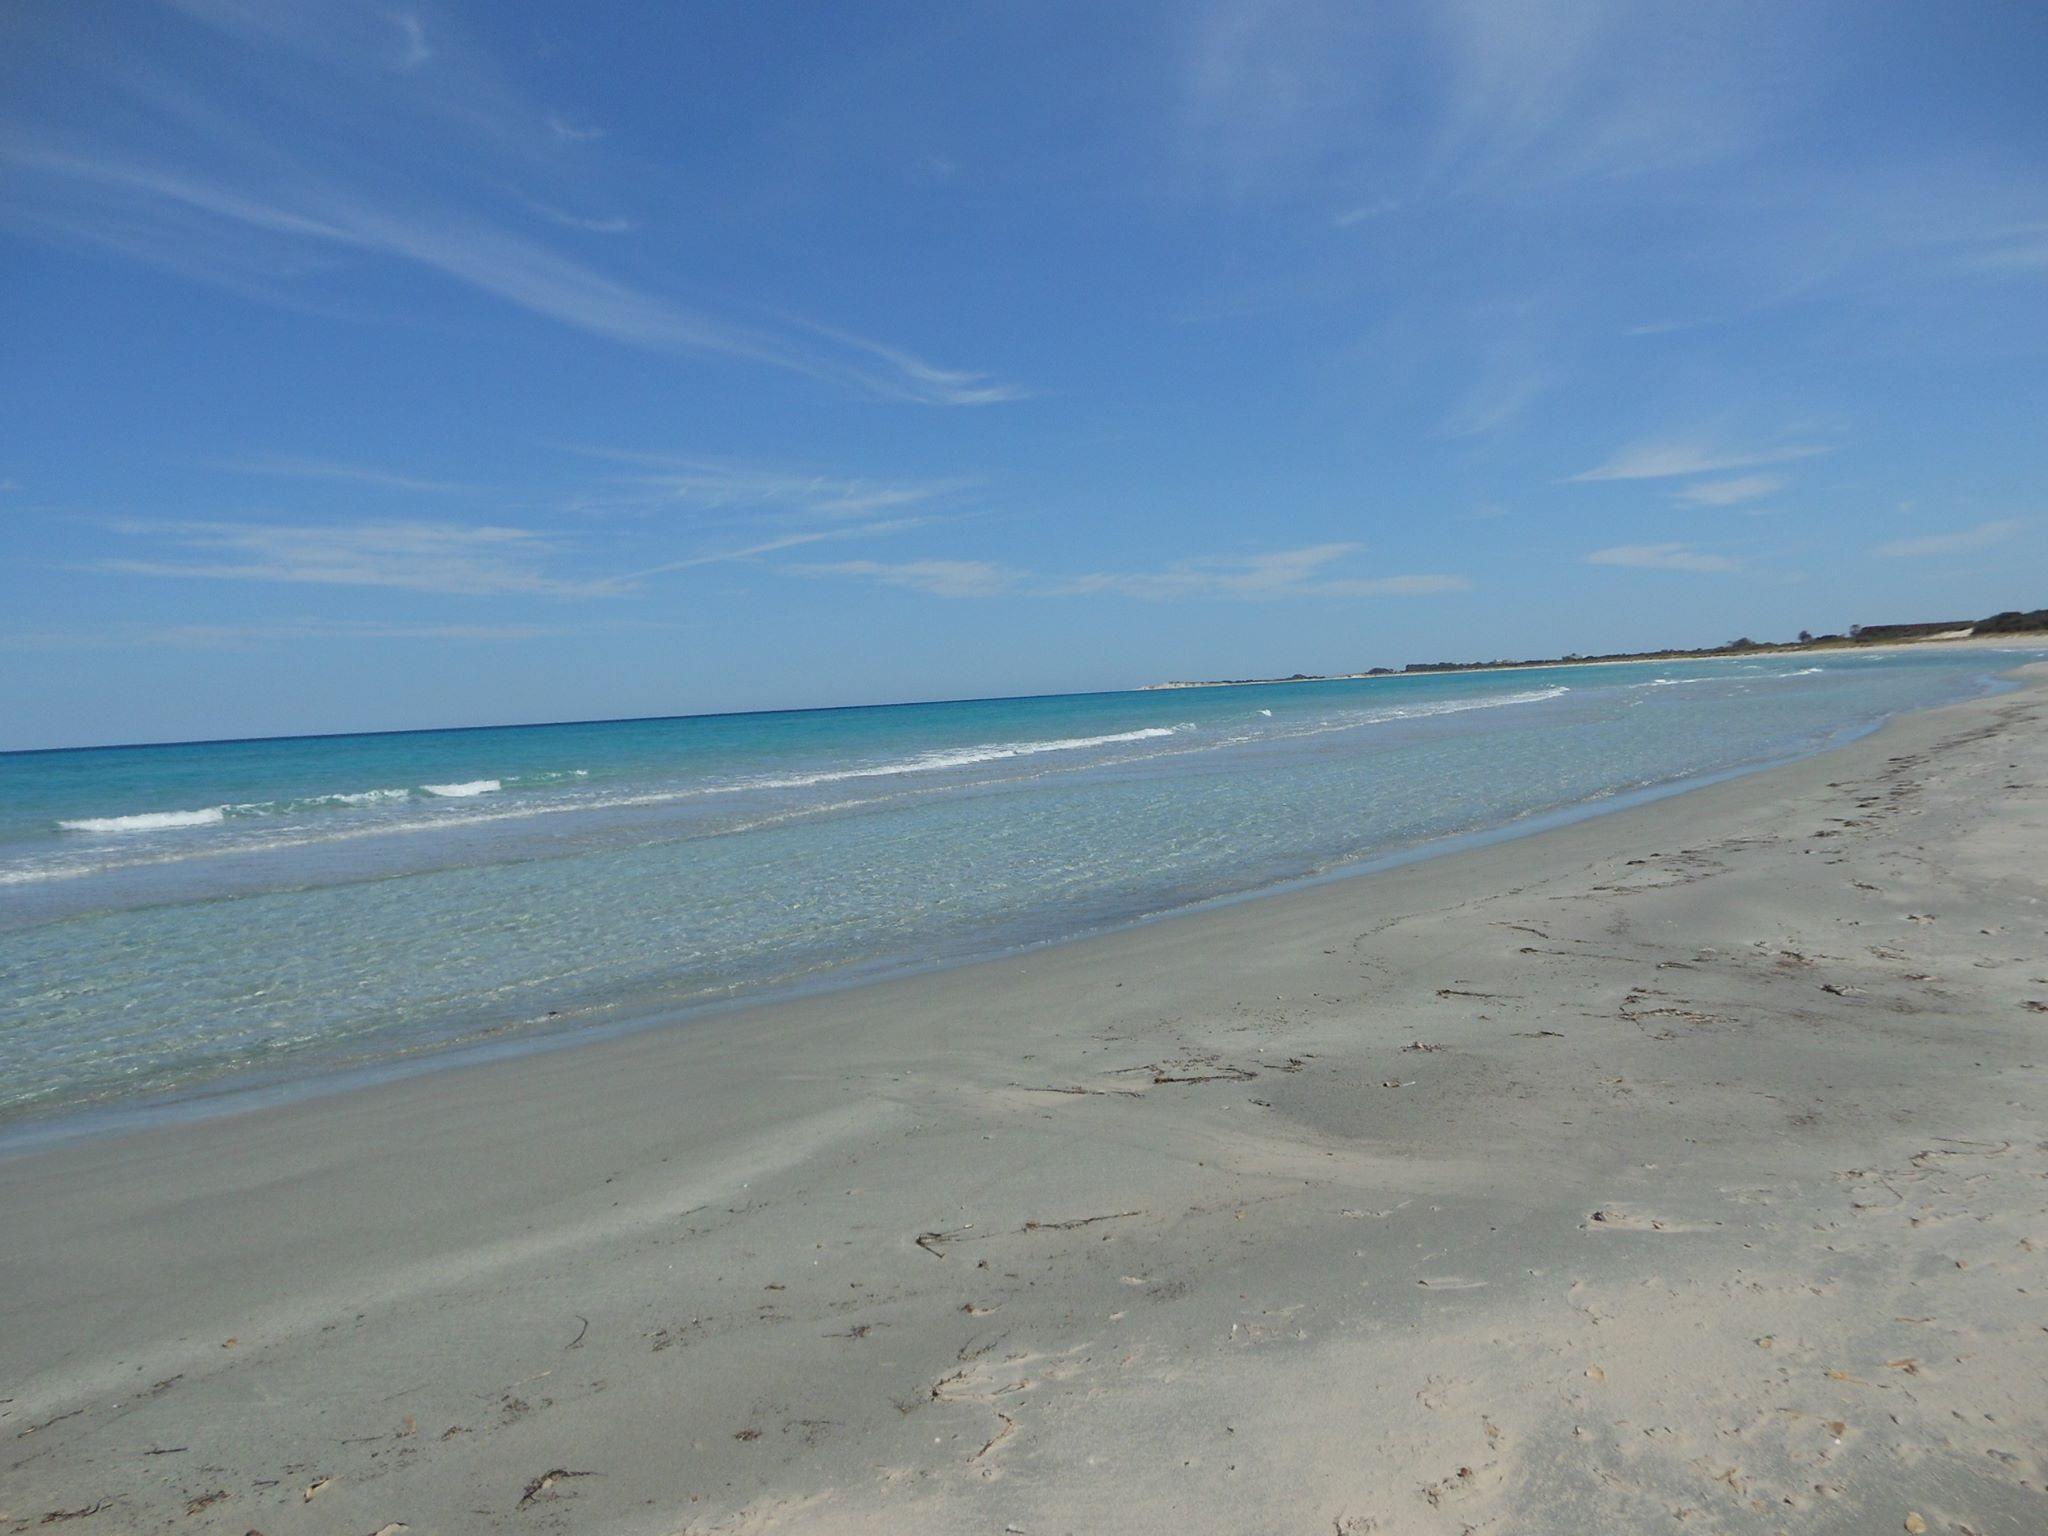 Terrain au bord de la plage d'ezzahra klibia